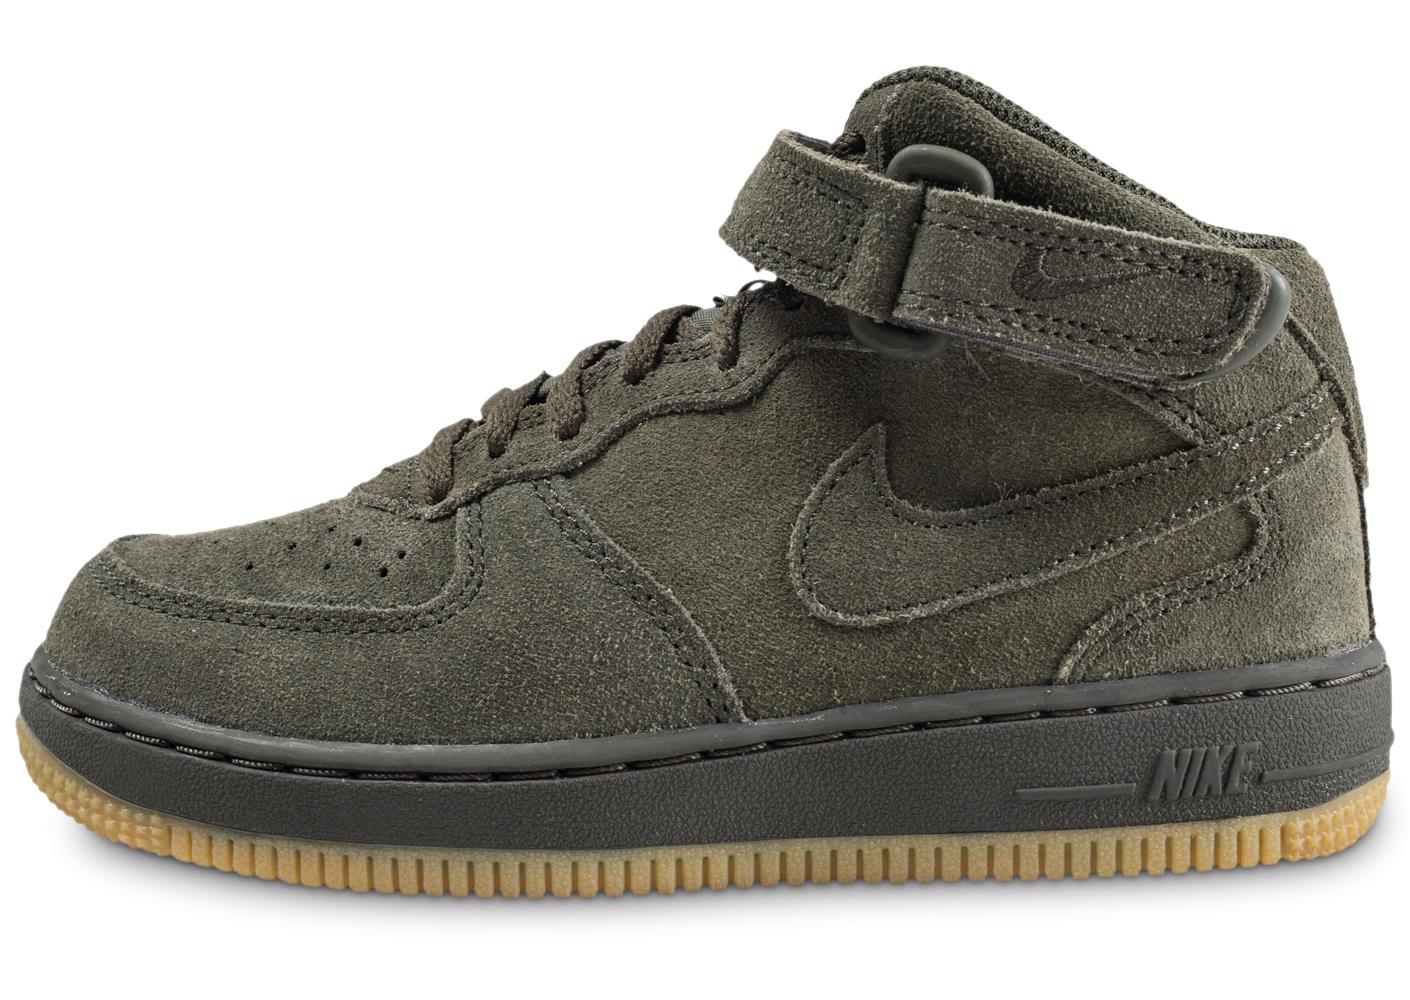 separation shoes 301d0 bba9f Baskets Nike Air Force 1 Mid LV8 pour Enfants - Villeneuve-Loubet (06)